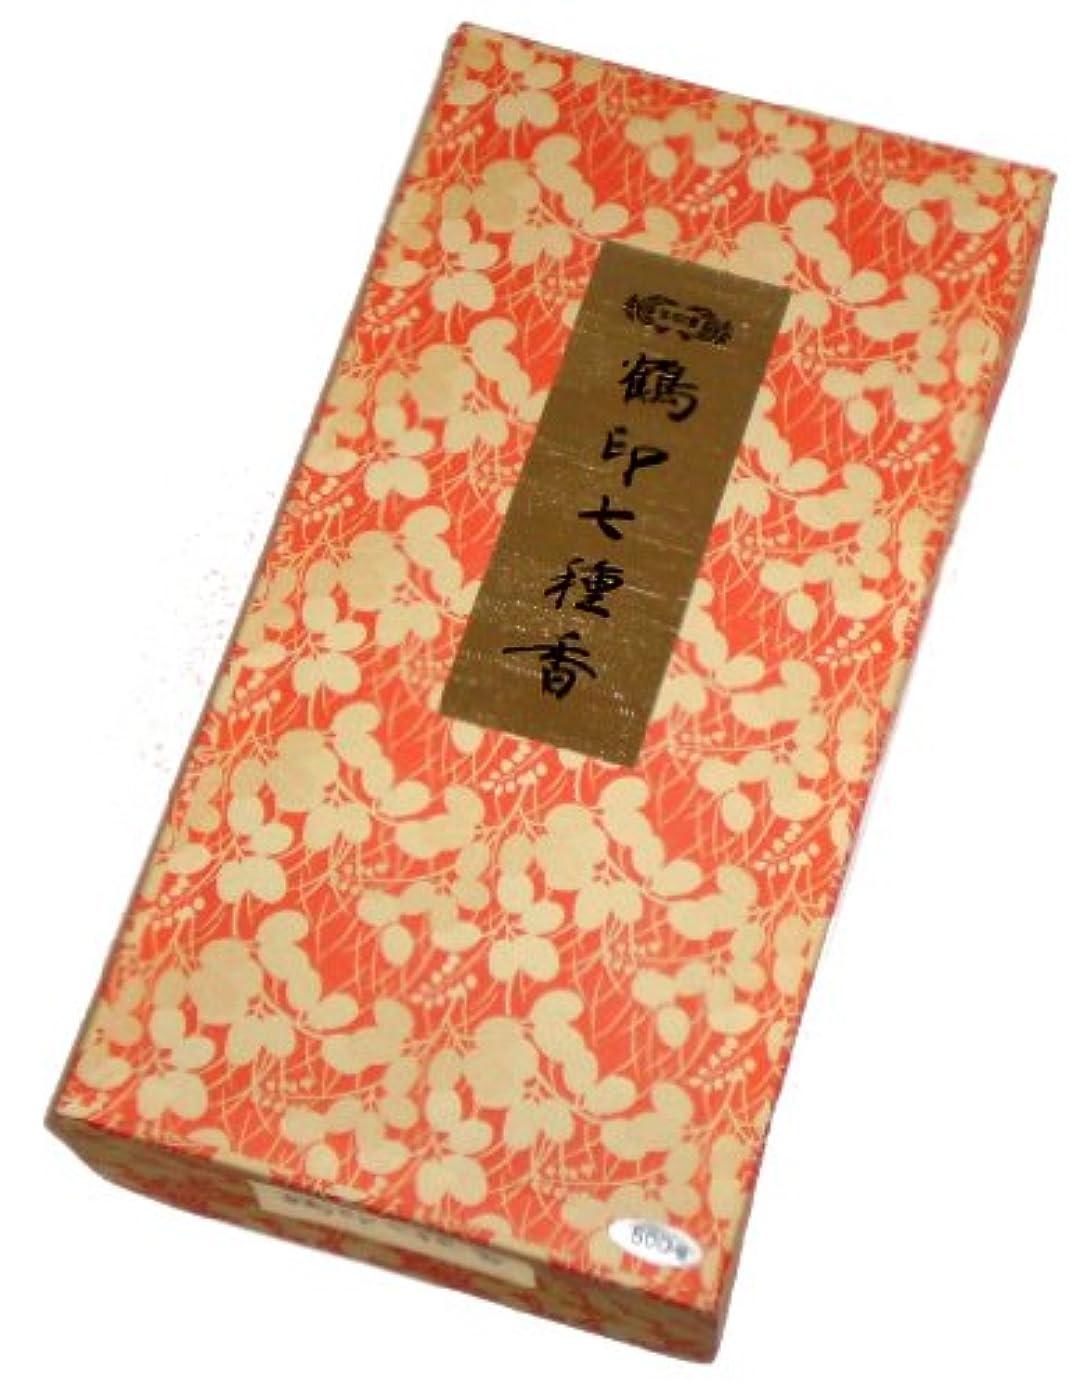 玉初堂のお香 鶴印七種香 500g #671